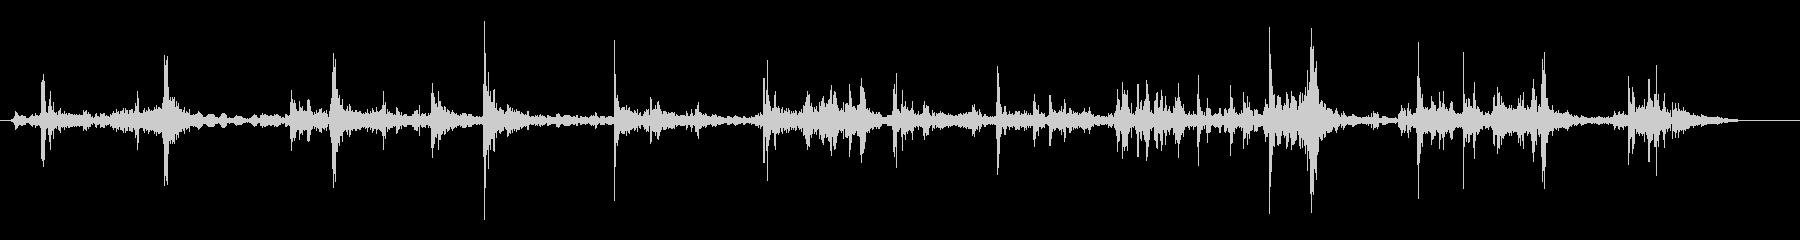 ペラペラ(本のページめくり)の未再生の波形